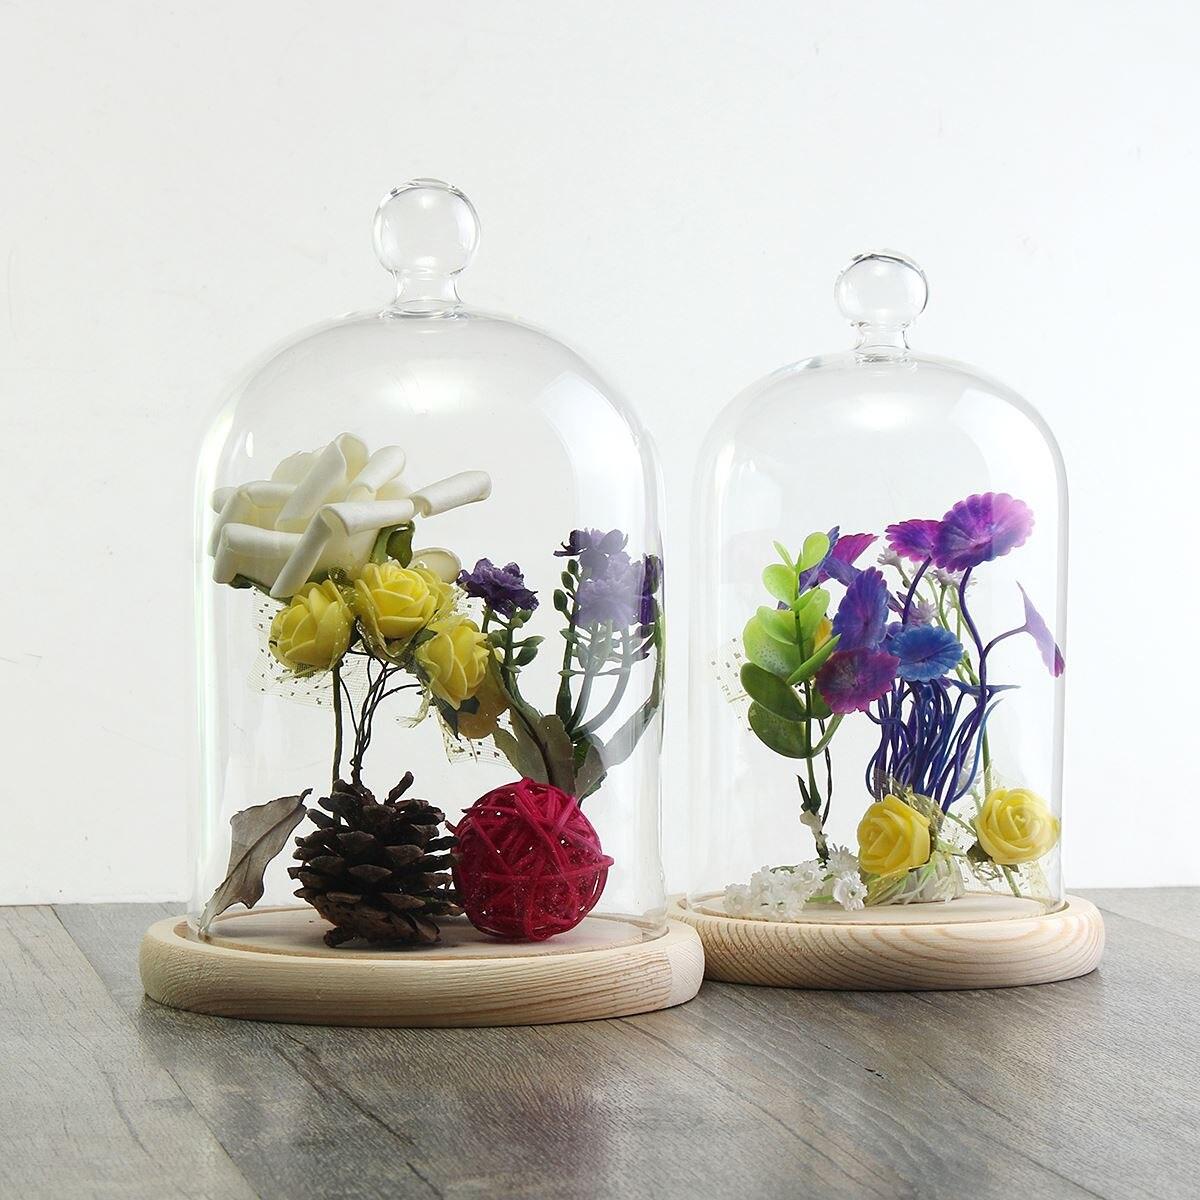 forma de campana de cristal terrario florero con base de madera plantas hidropnicas macetas regalos